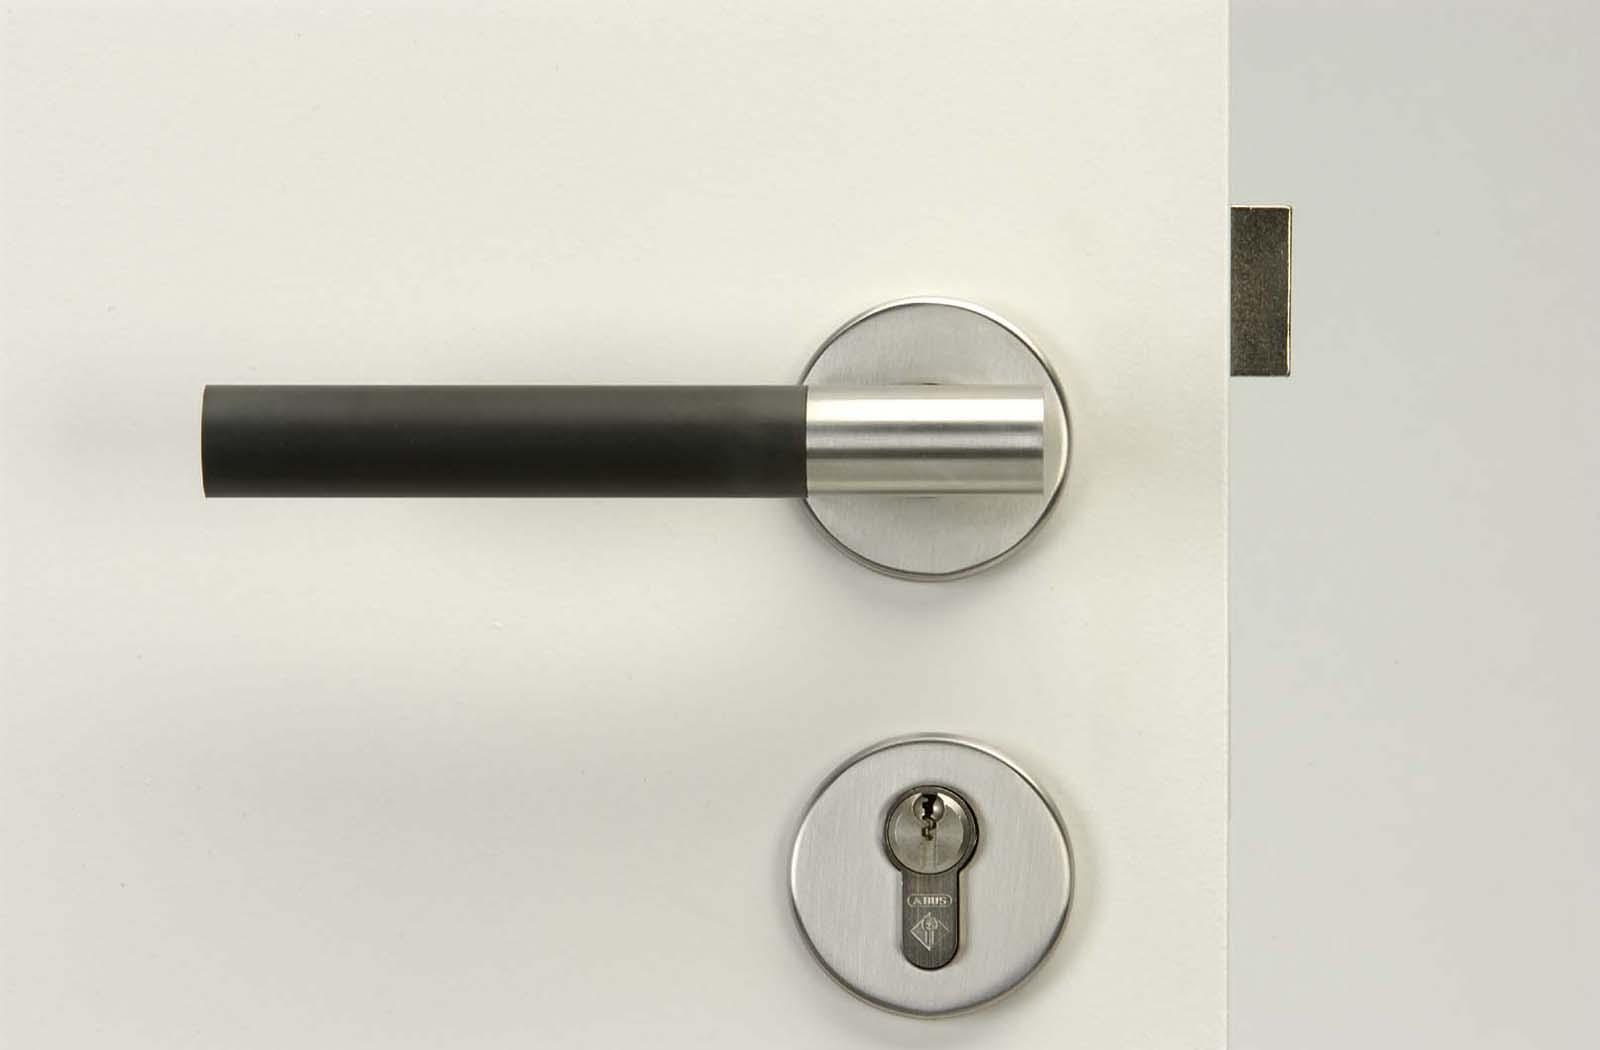 Ручка для межкомнатной двери в лаконичном дизайне